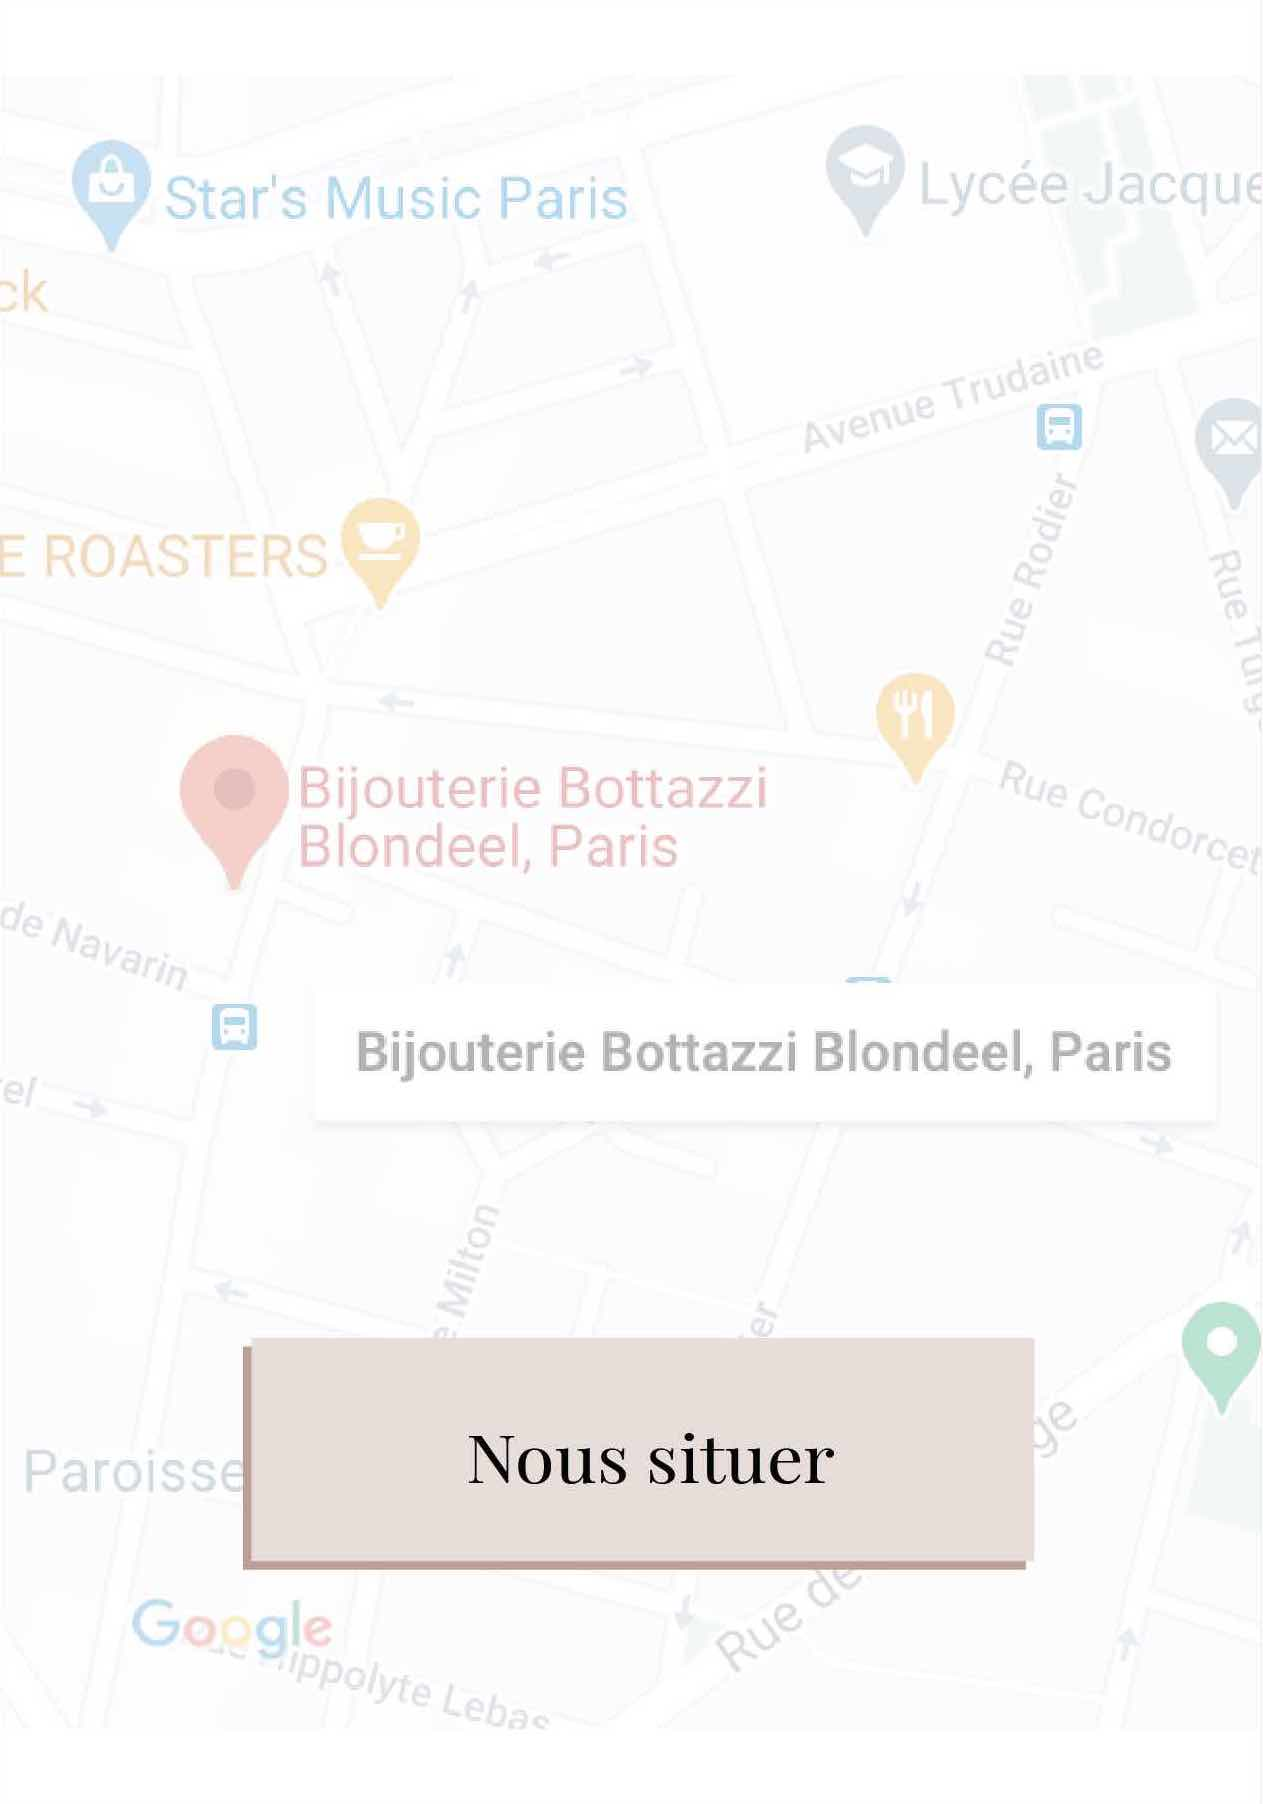 bijouterie bottazzi blondeel paris